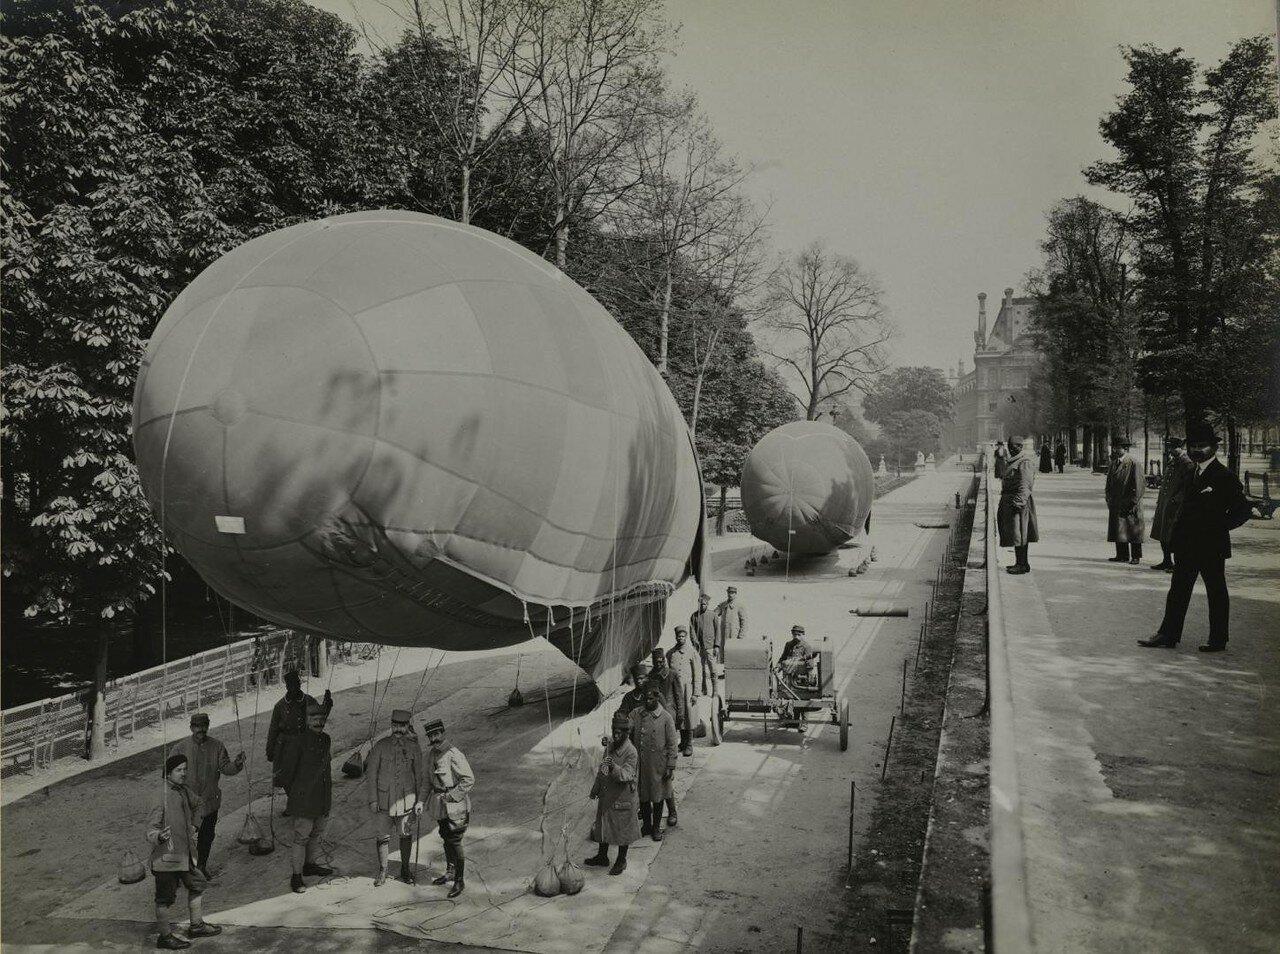 1918. Аэростаты в саду Тюильри. Ноябрь